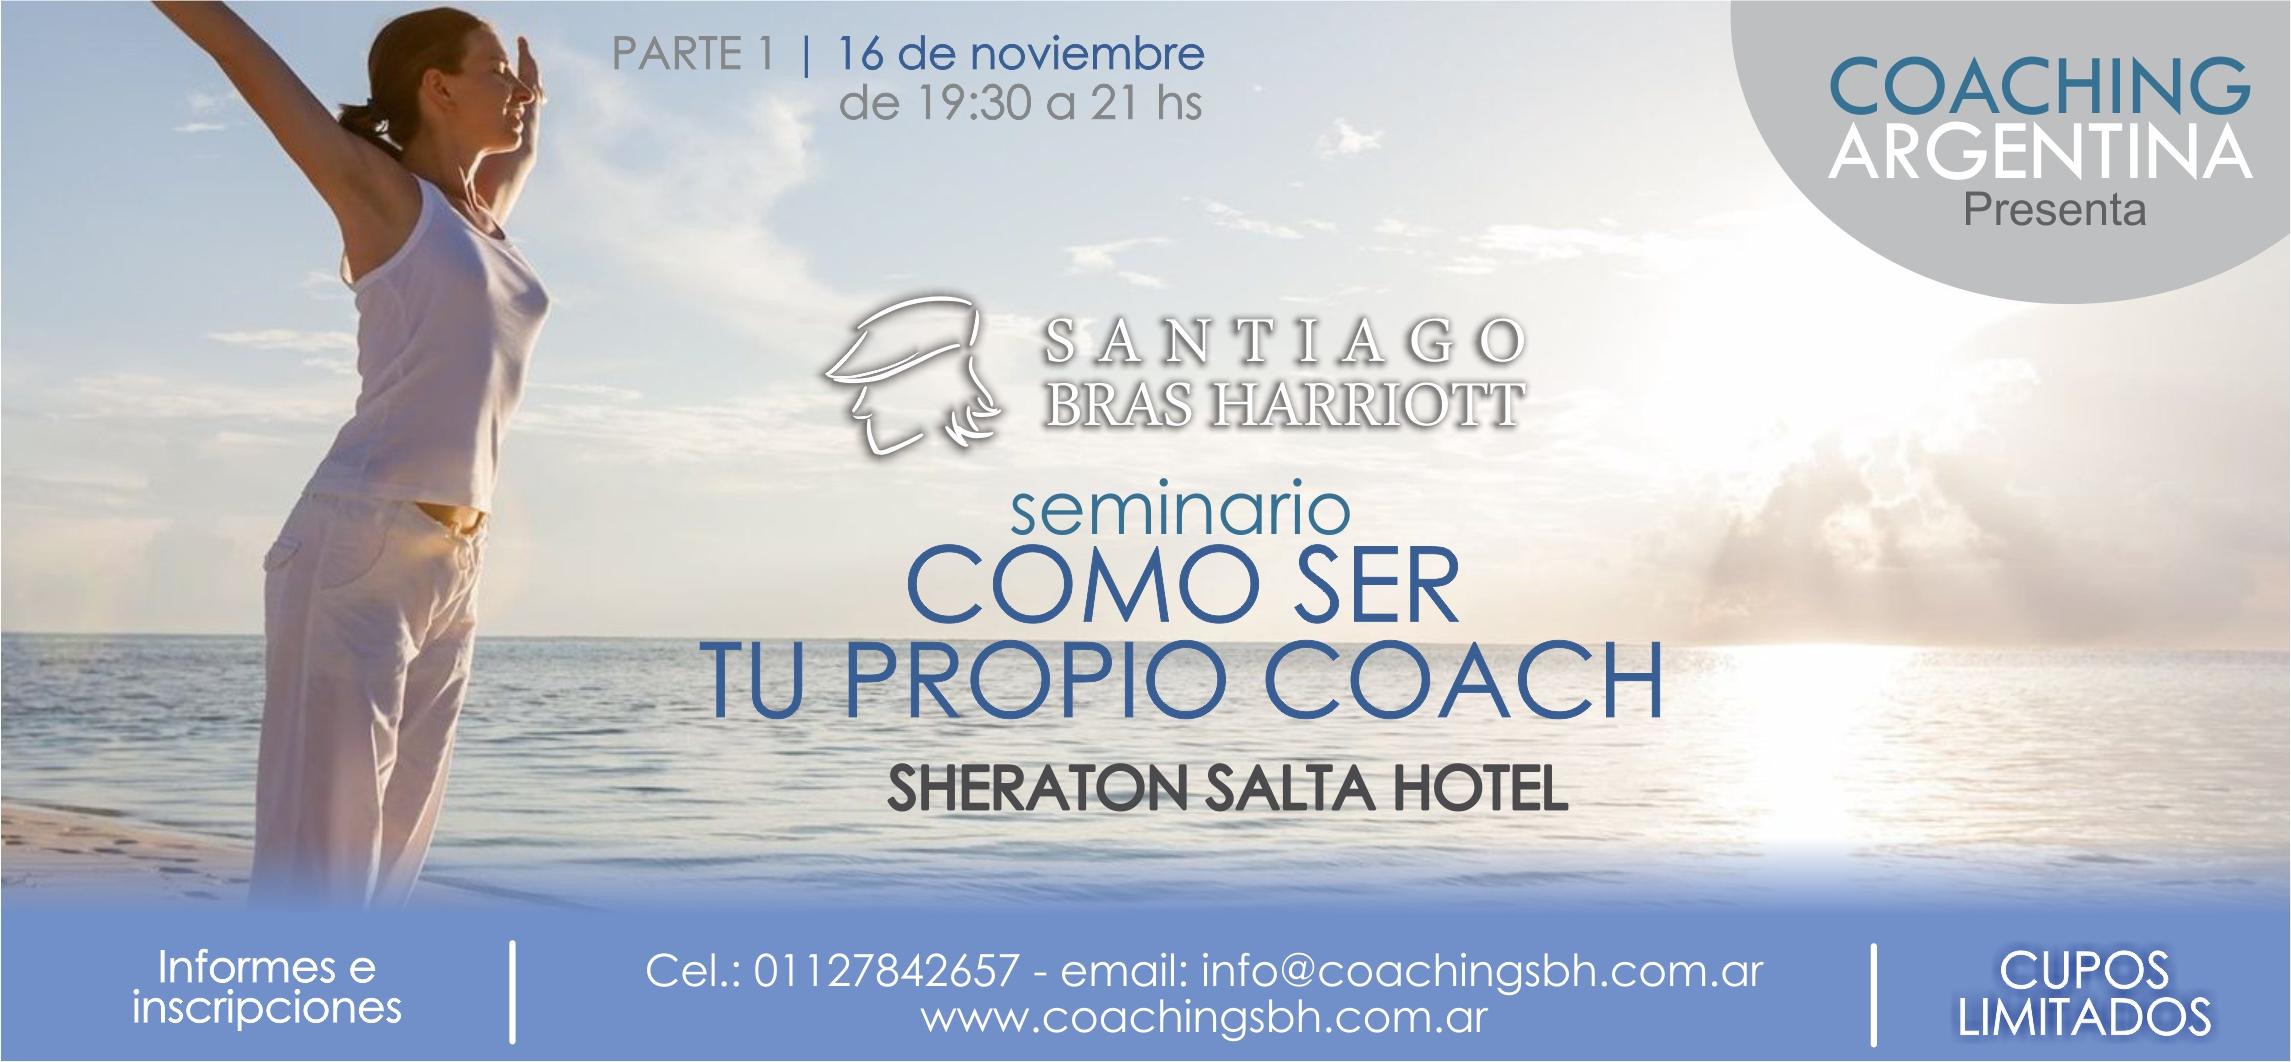 tu propio coach salta1